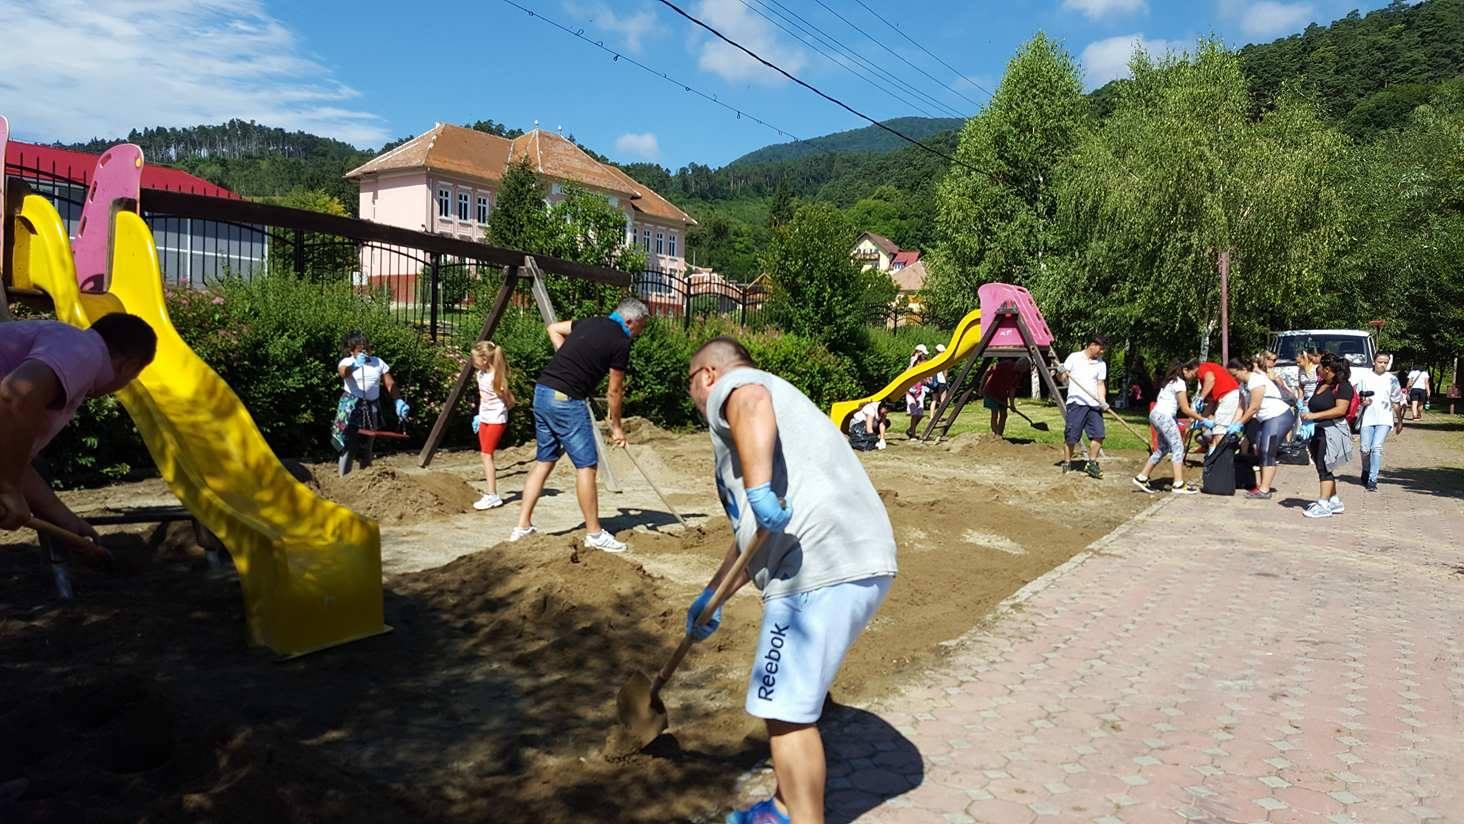 voluntariat-parcul-cu-soare (2)